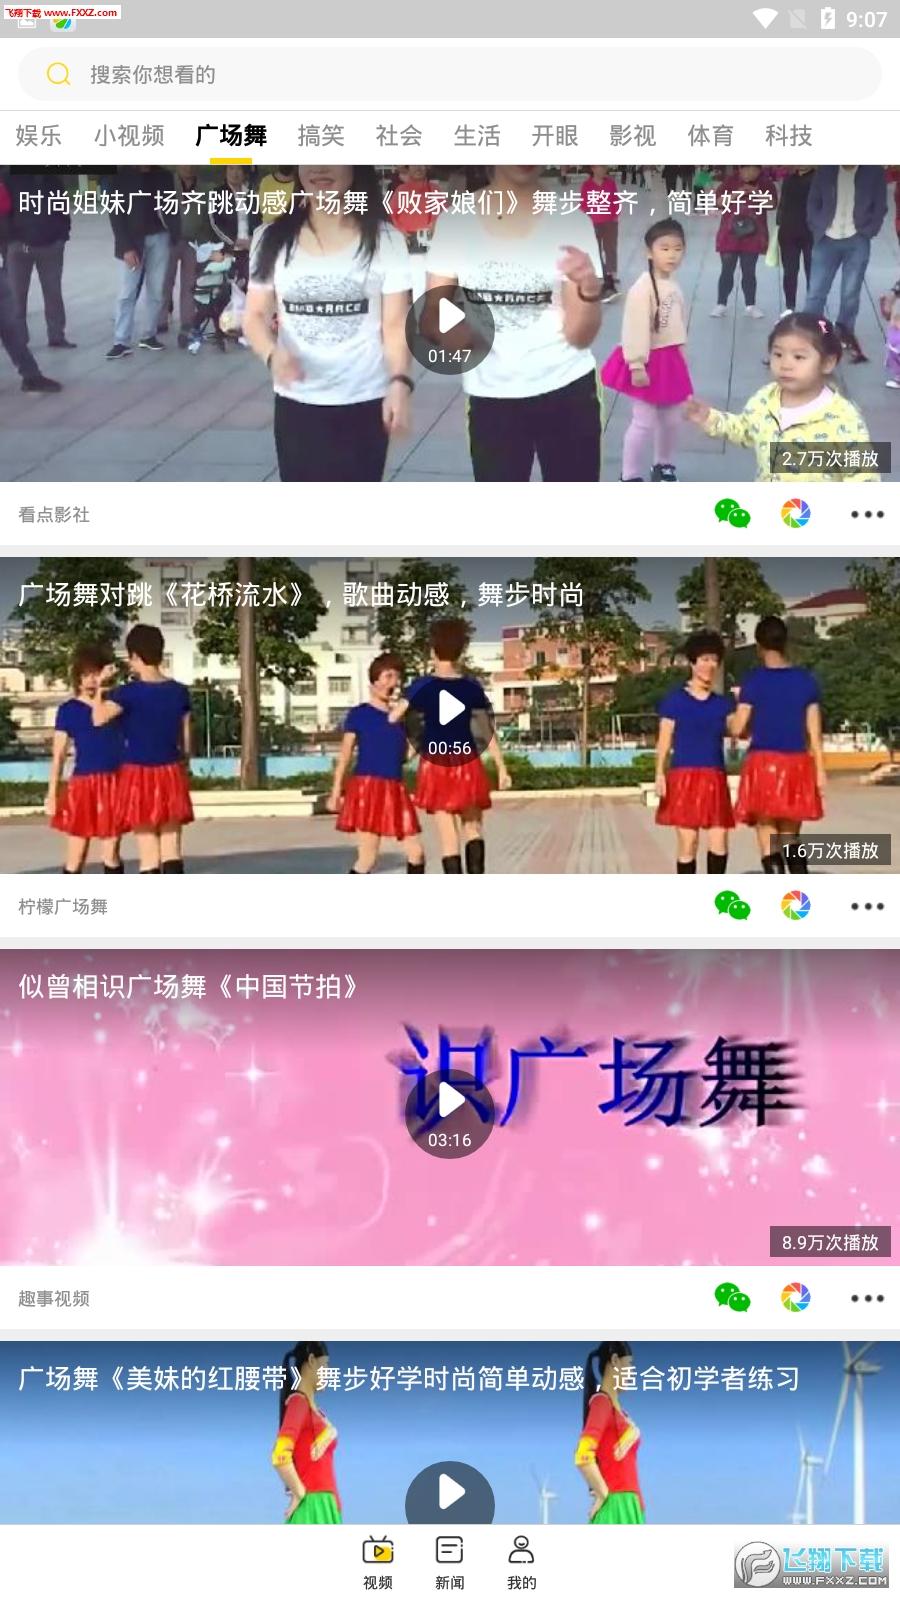 火锅视频官方app1.4.6.0截图2